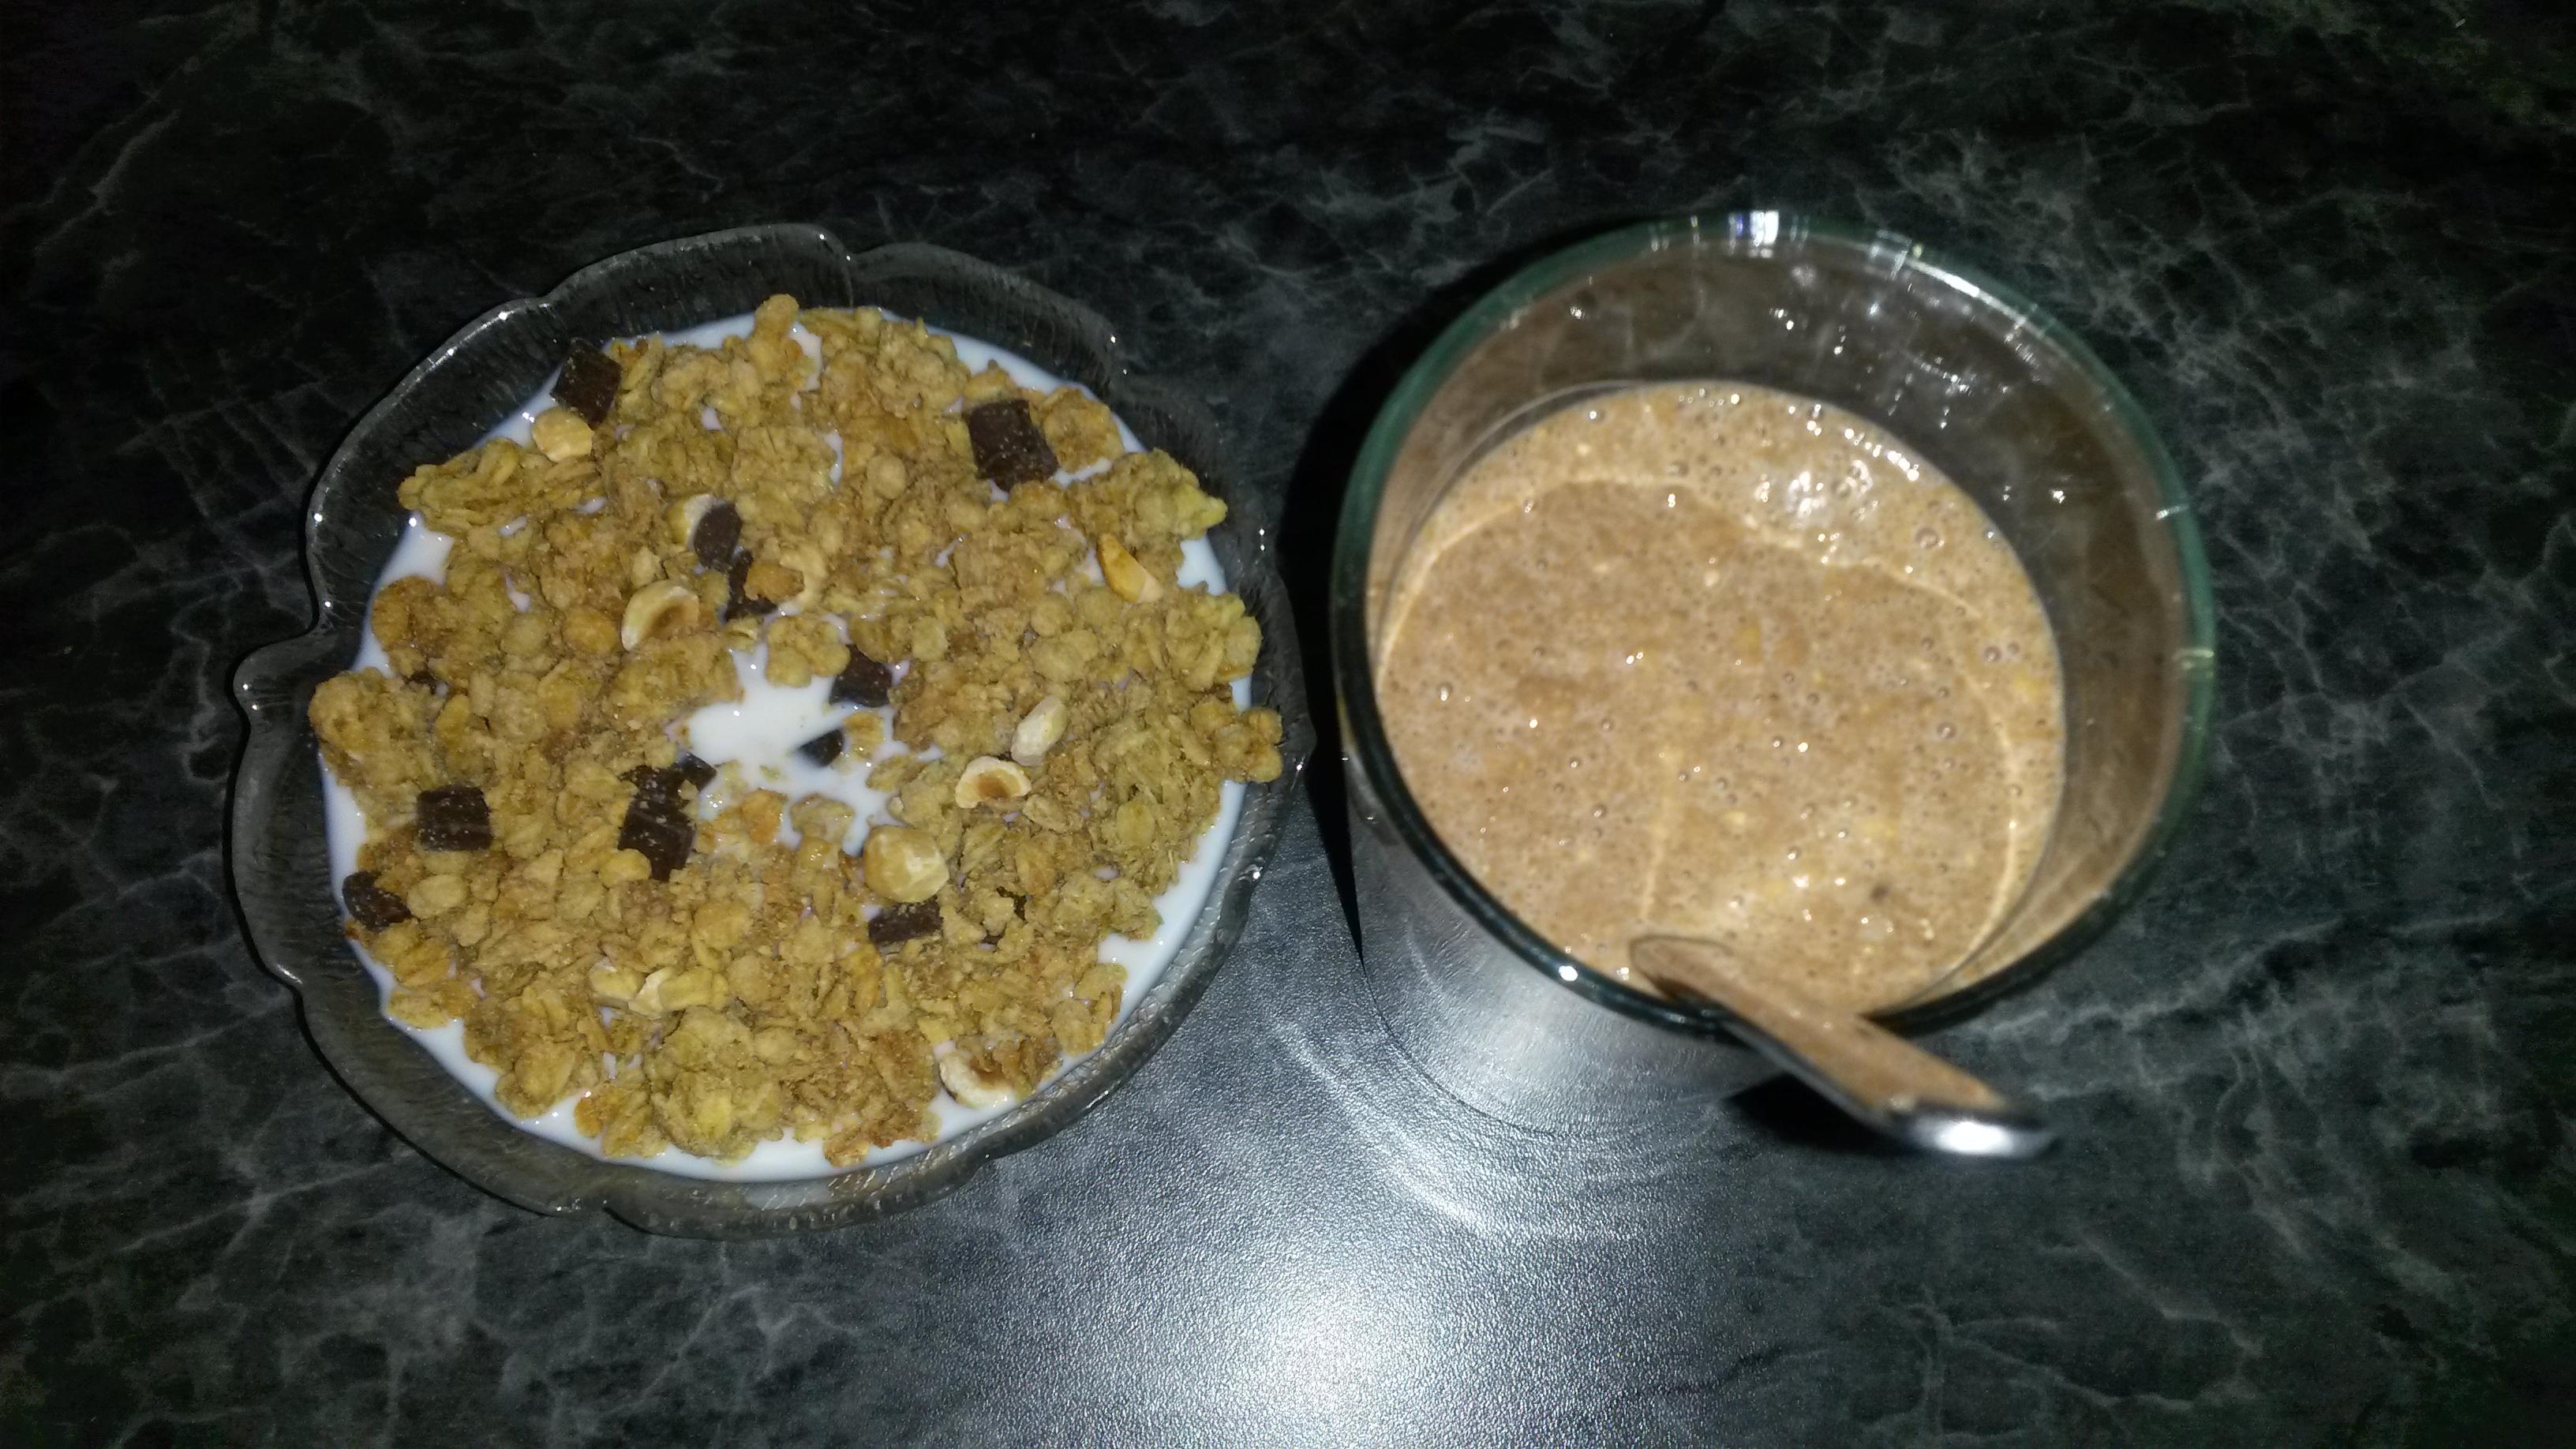 http://foodloader.net/sk0r_2014-03-07_Proteinshake_und_Muesli_.jpg